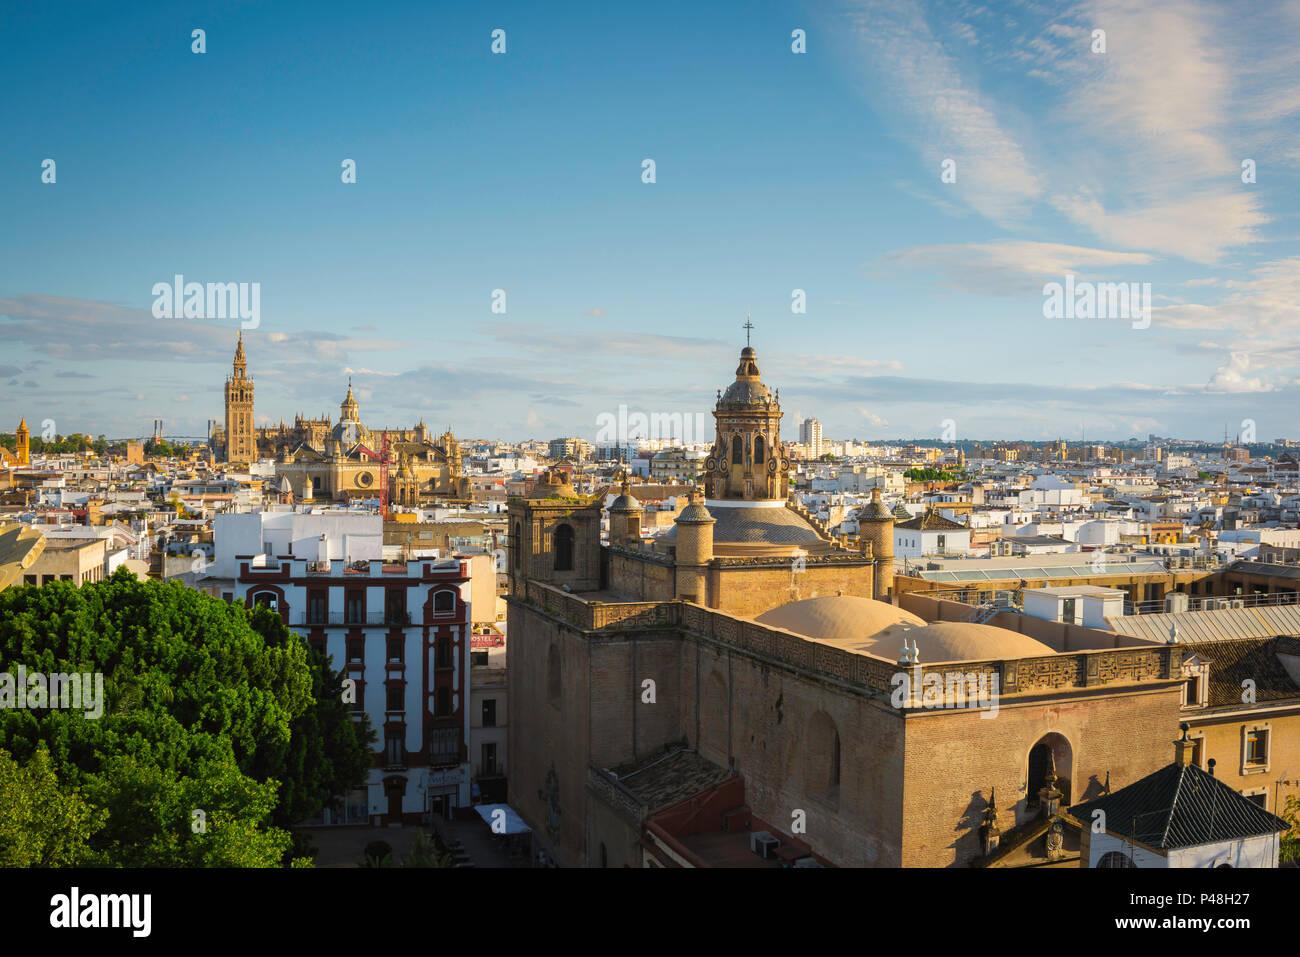 Sevilla Spanien Stadtbild, Blick über die Altstadt von Sevilla bei Sonnenuntergang auf die Kathedrale und die Giralda Turm, Andalusien, Spanien. Stockbild